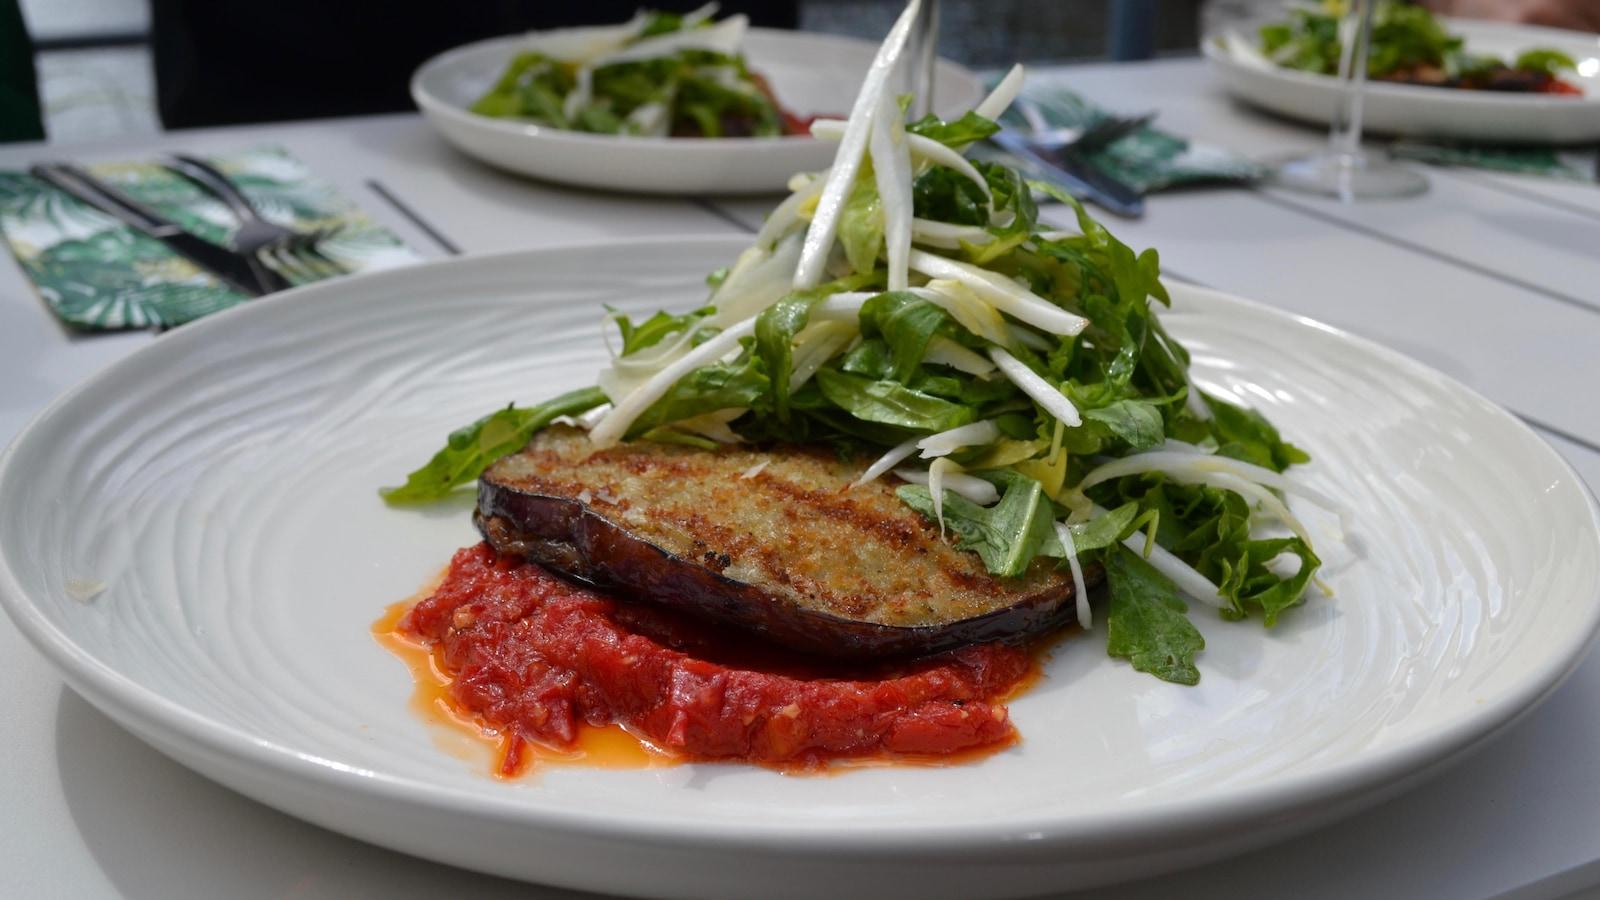 La recette de Stefano Faita présenté dans une assiette